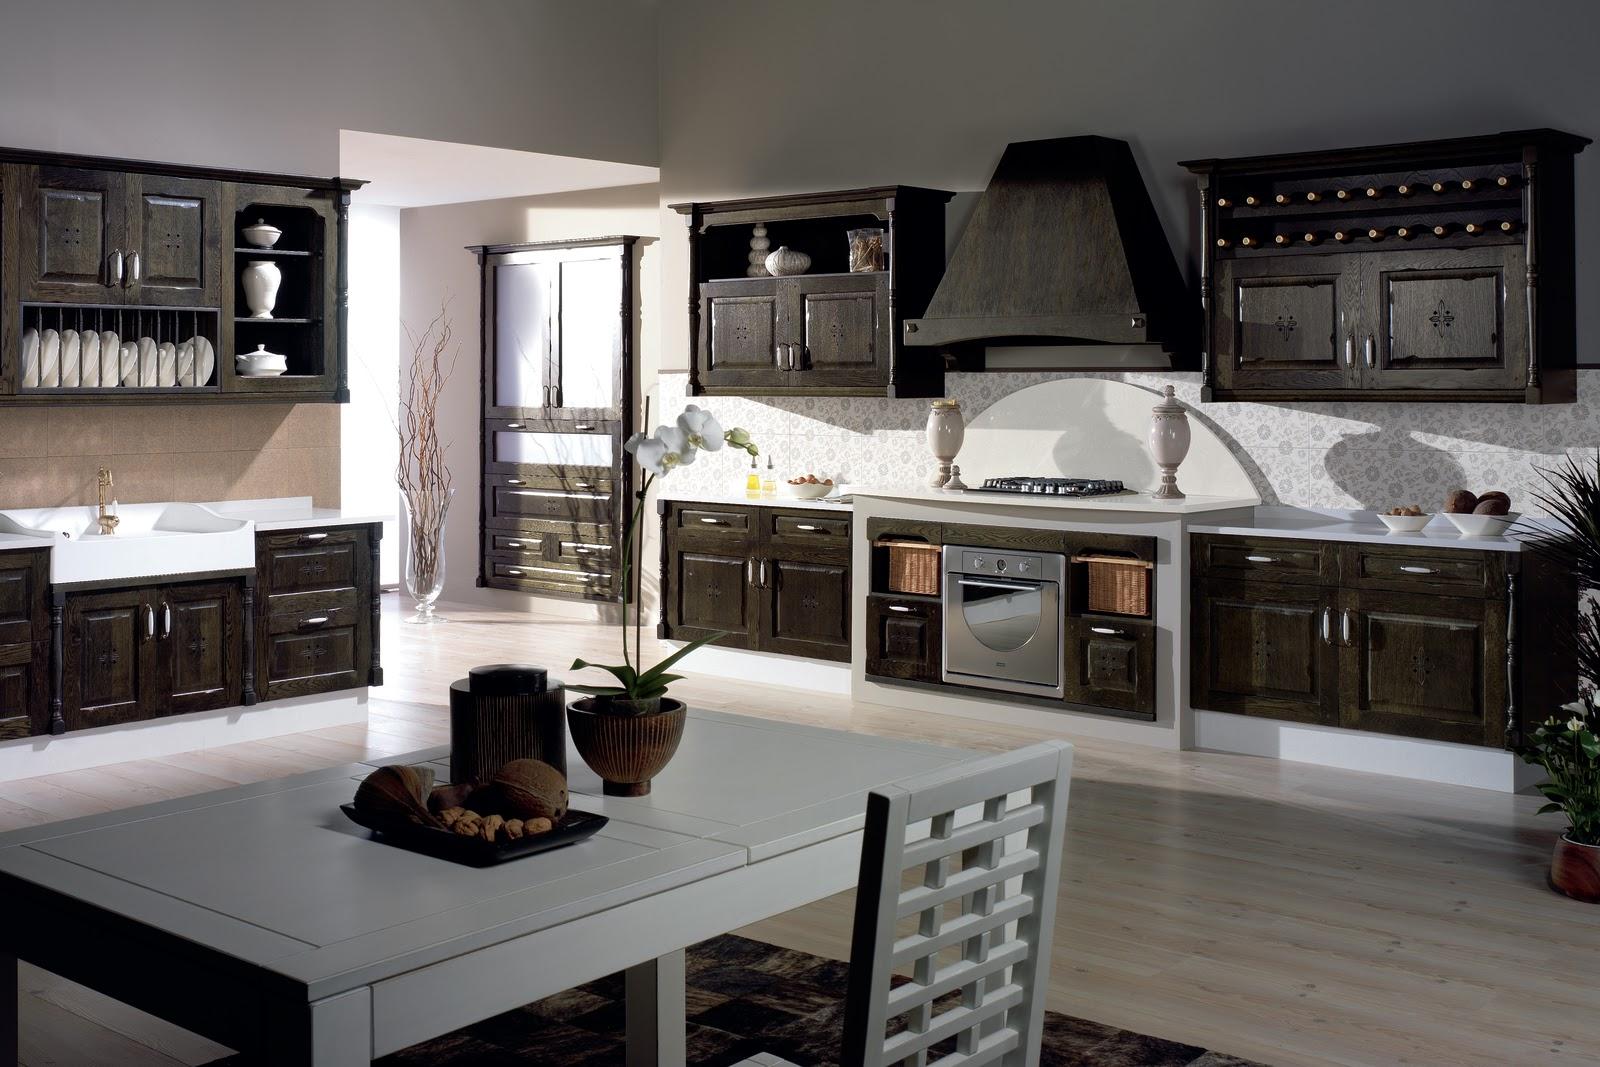 Dise a tu cocina pasos para dise ar tu cocina for Como disenar tu cocina